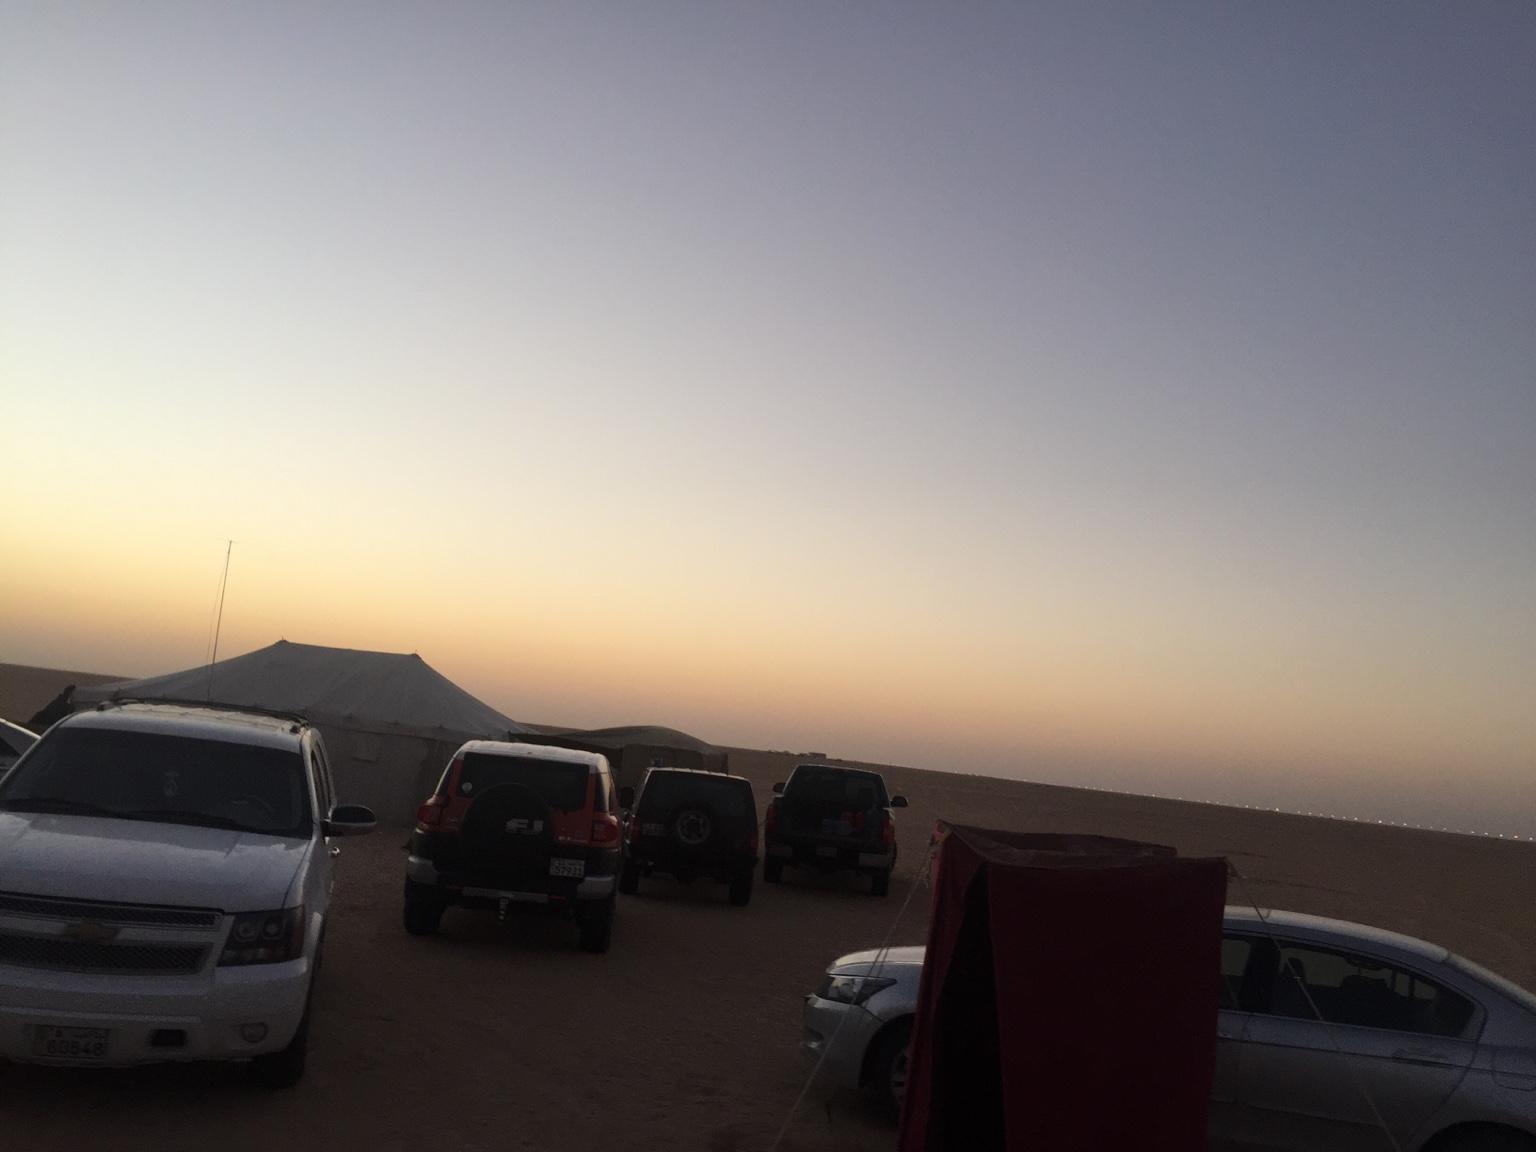 كشتة الى بر السالمي الكويت-694820